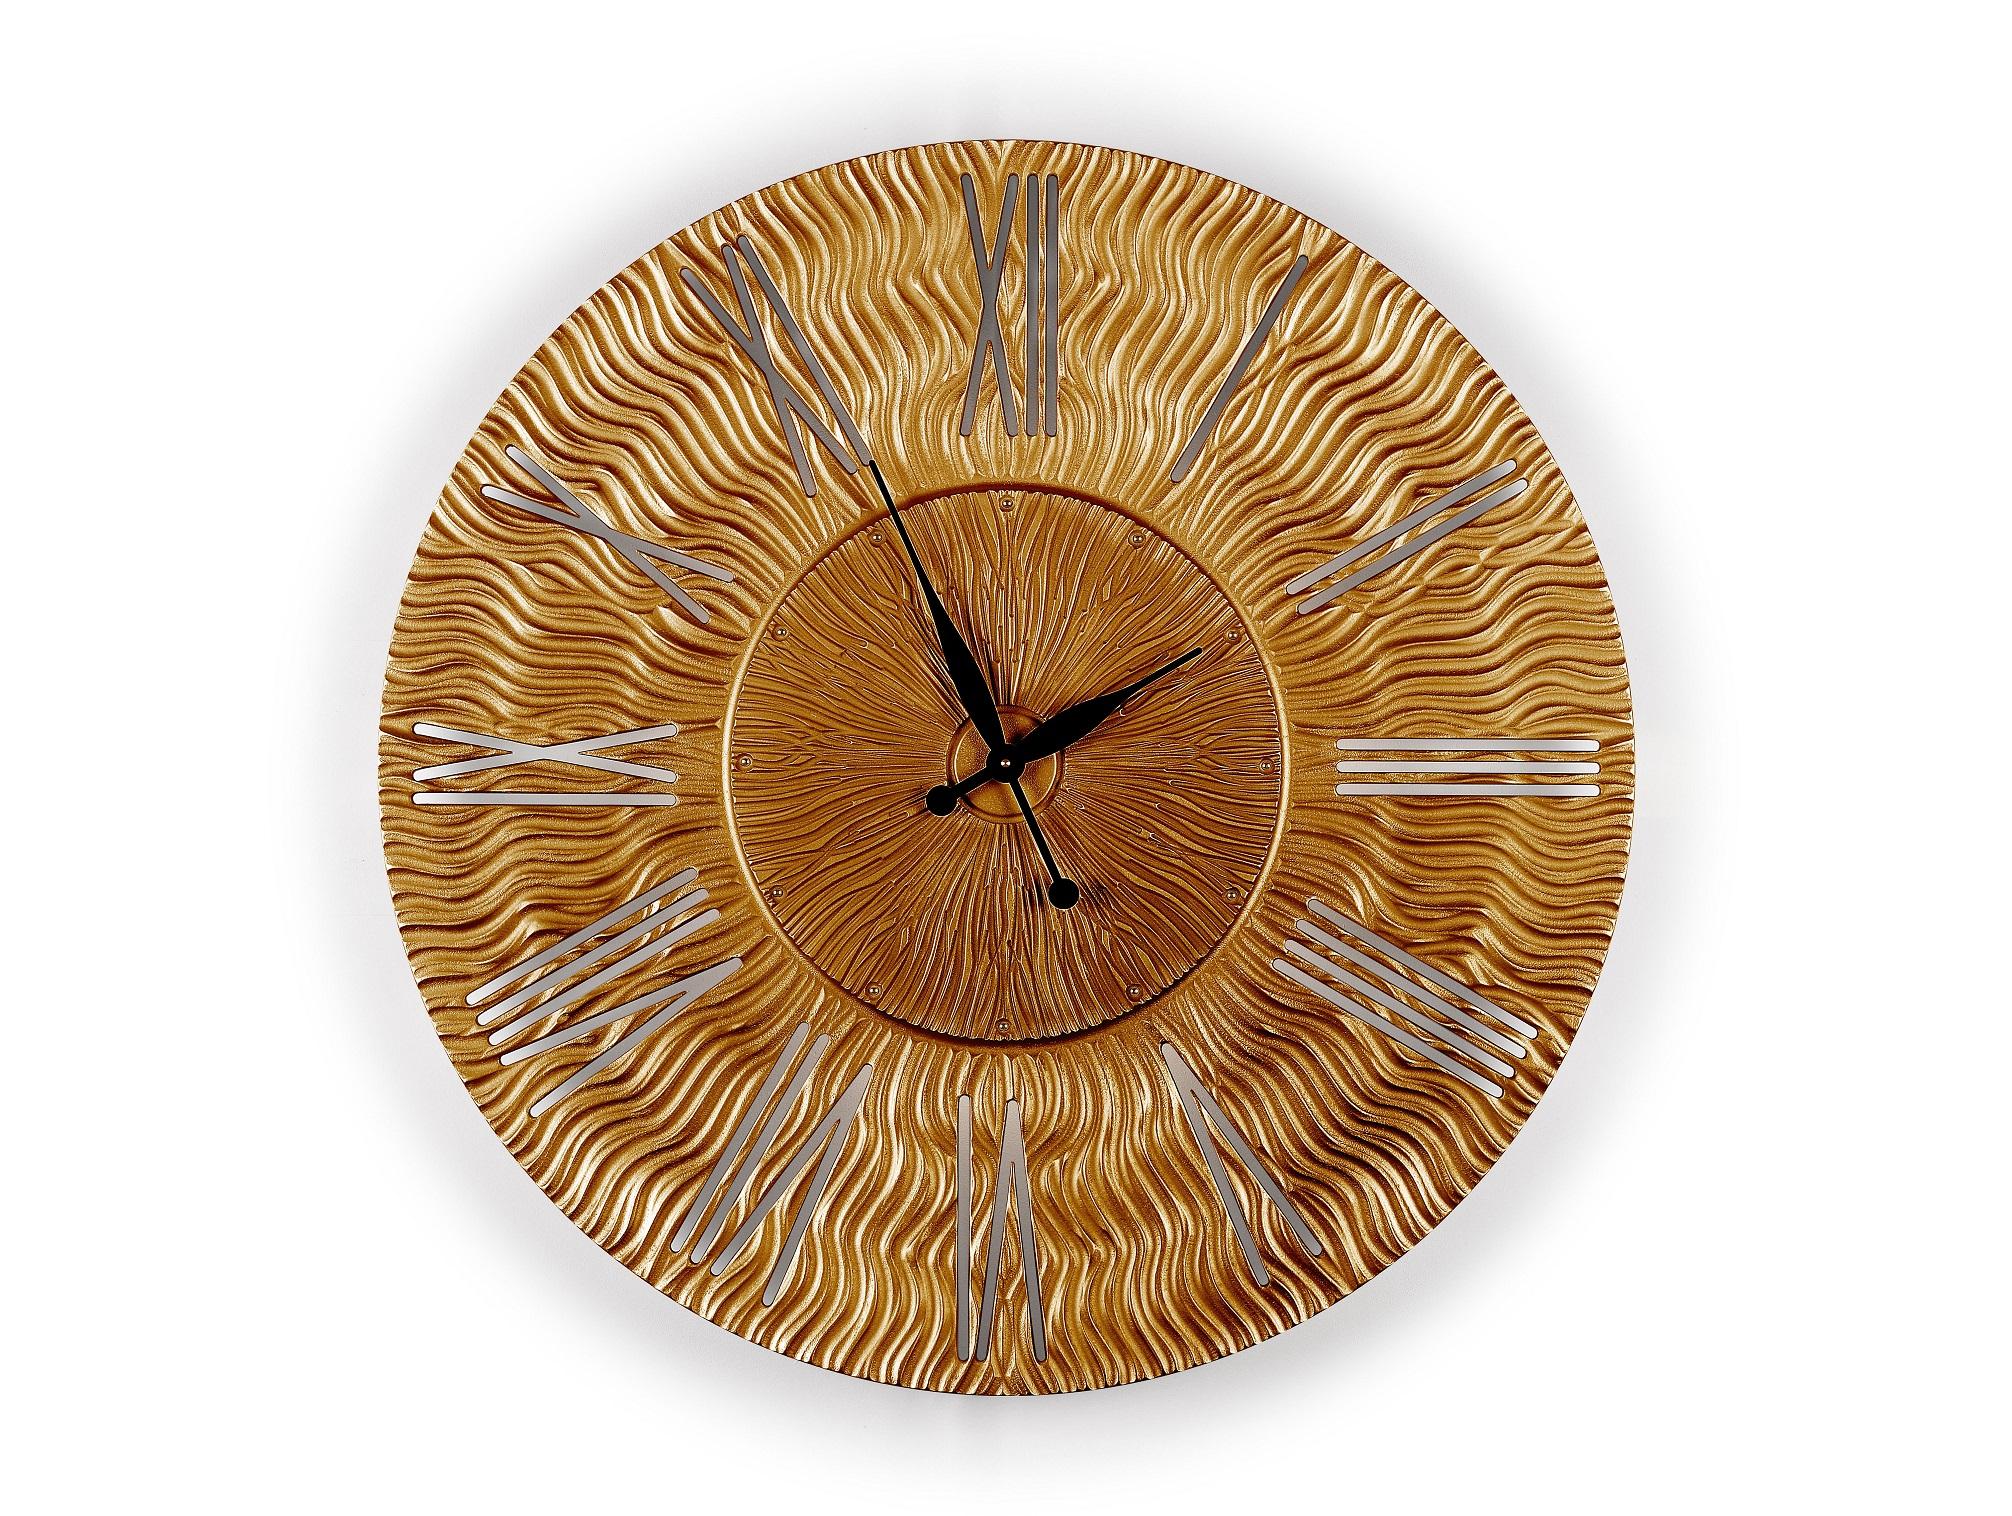 Часы TwinkleБез категории<br>Эксклюзивные часы с римским циферблатом изготовлены вручную из древесины ценных пород. Круглый циферблат с утонченной резьбой подсвечивается 4 светодиодными лампами. Часы выполняют сразу три функции: непосредственный отсчет времени, декоративное панно и дополнительный источник освещения. Толщина – 7см, вес – 7 кг.Товарное предложение оснащено светодиодной подсветкой.<br><br>kit: None<br>gender: None